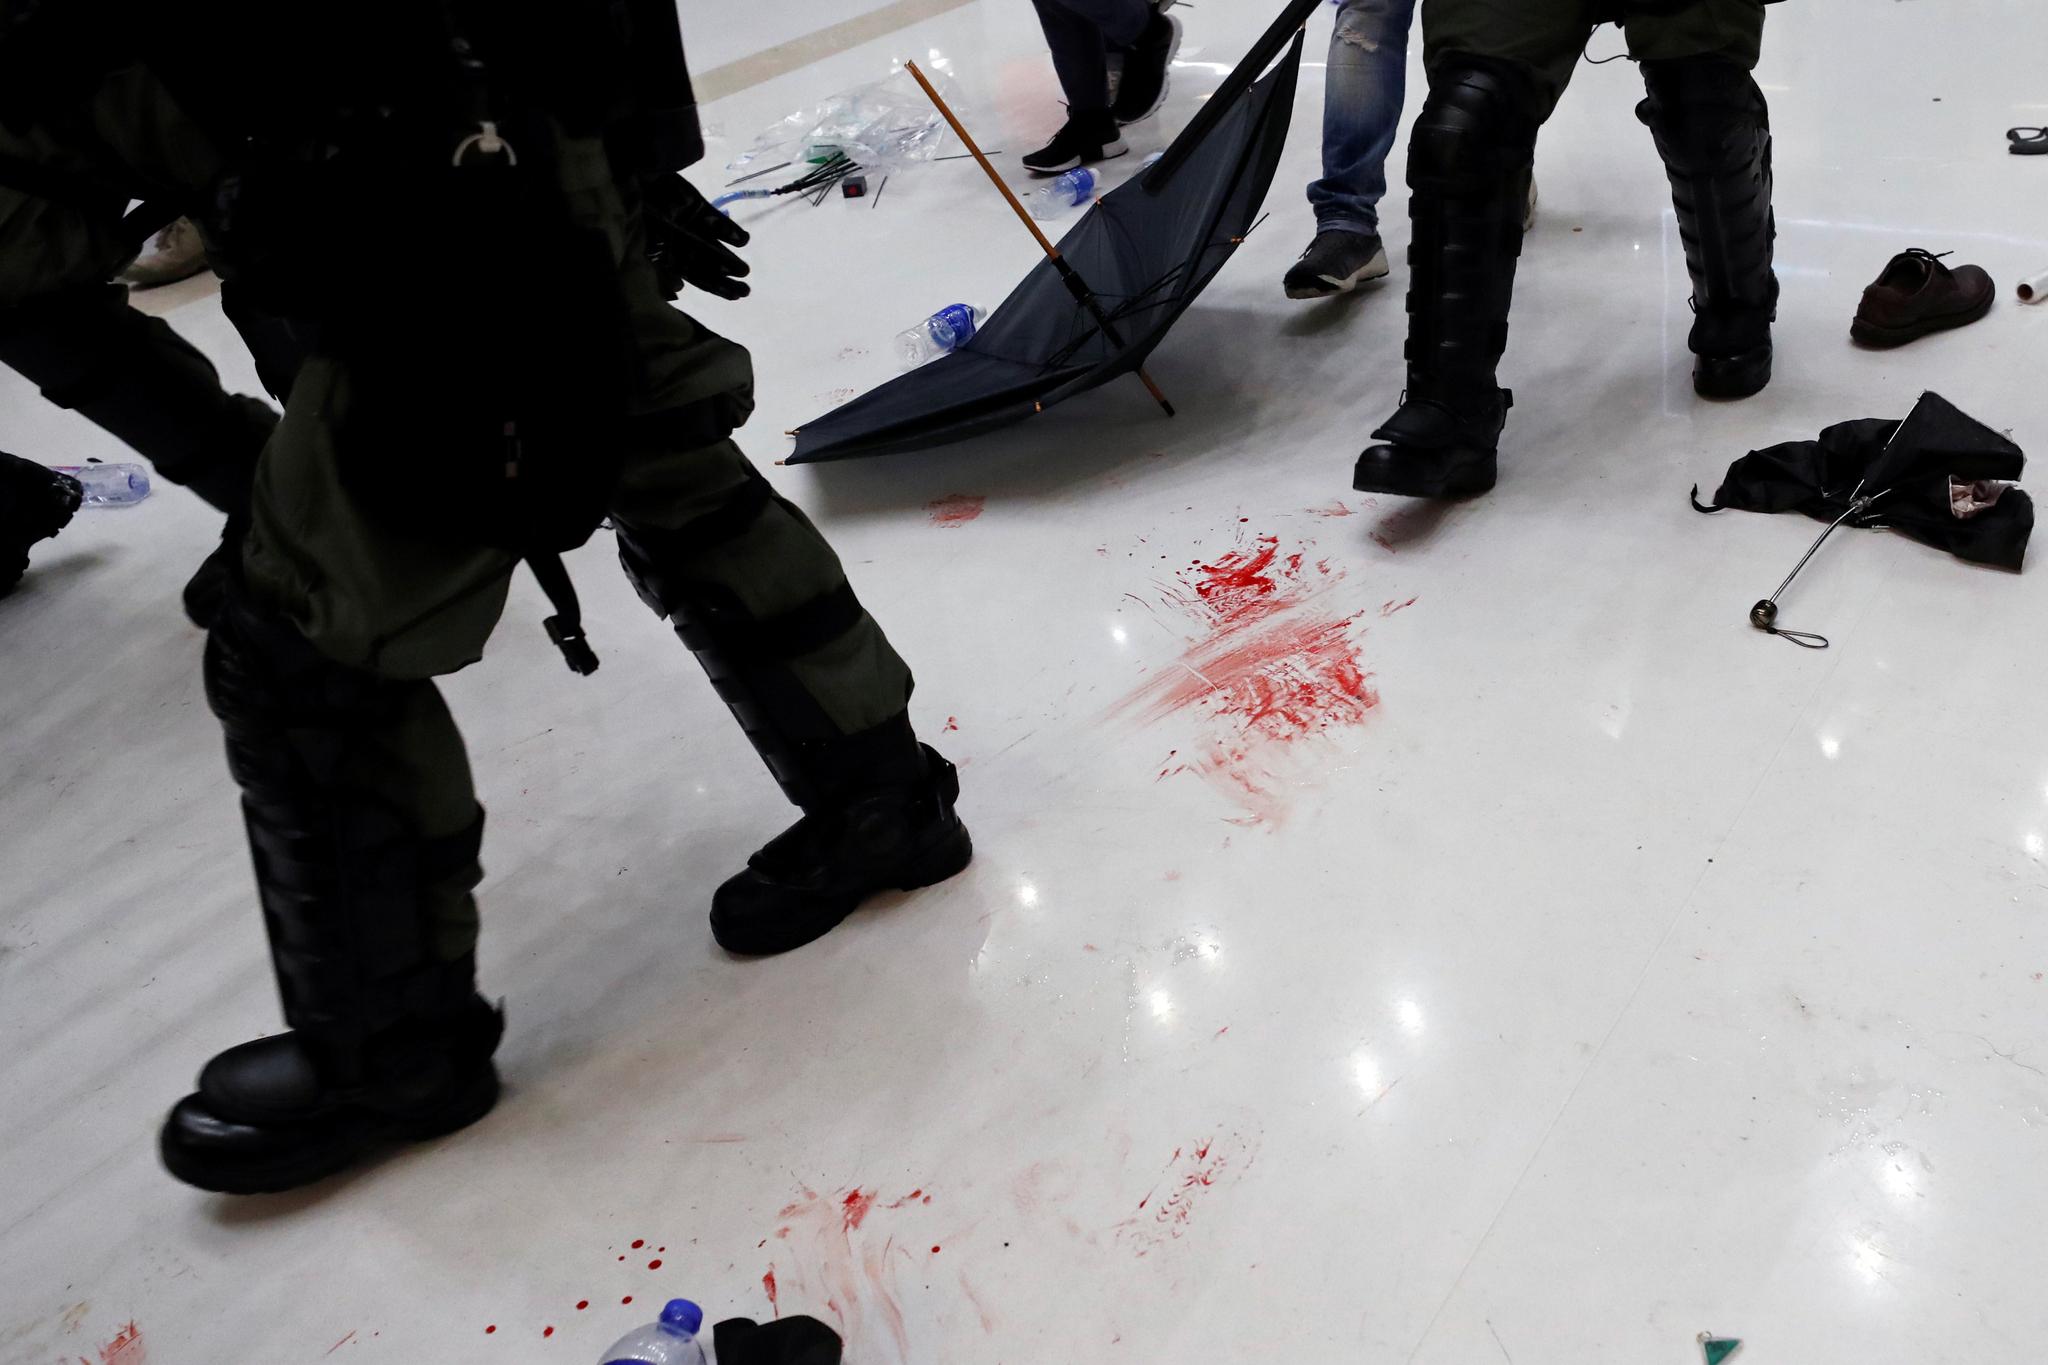 이날 충돌이 발생한 쇼핑몰 바닥에 핏자국이 선명하다. [로이터=연합뉴스]